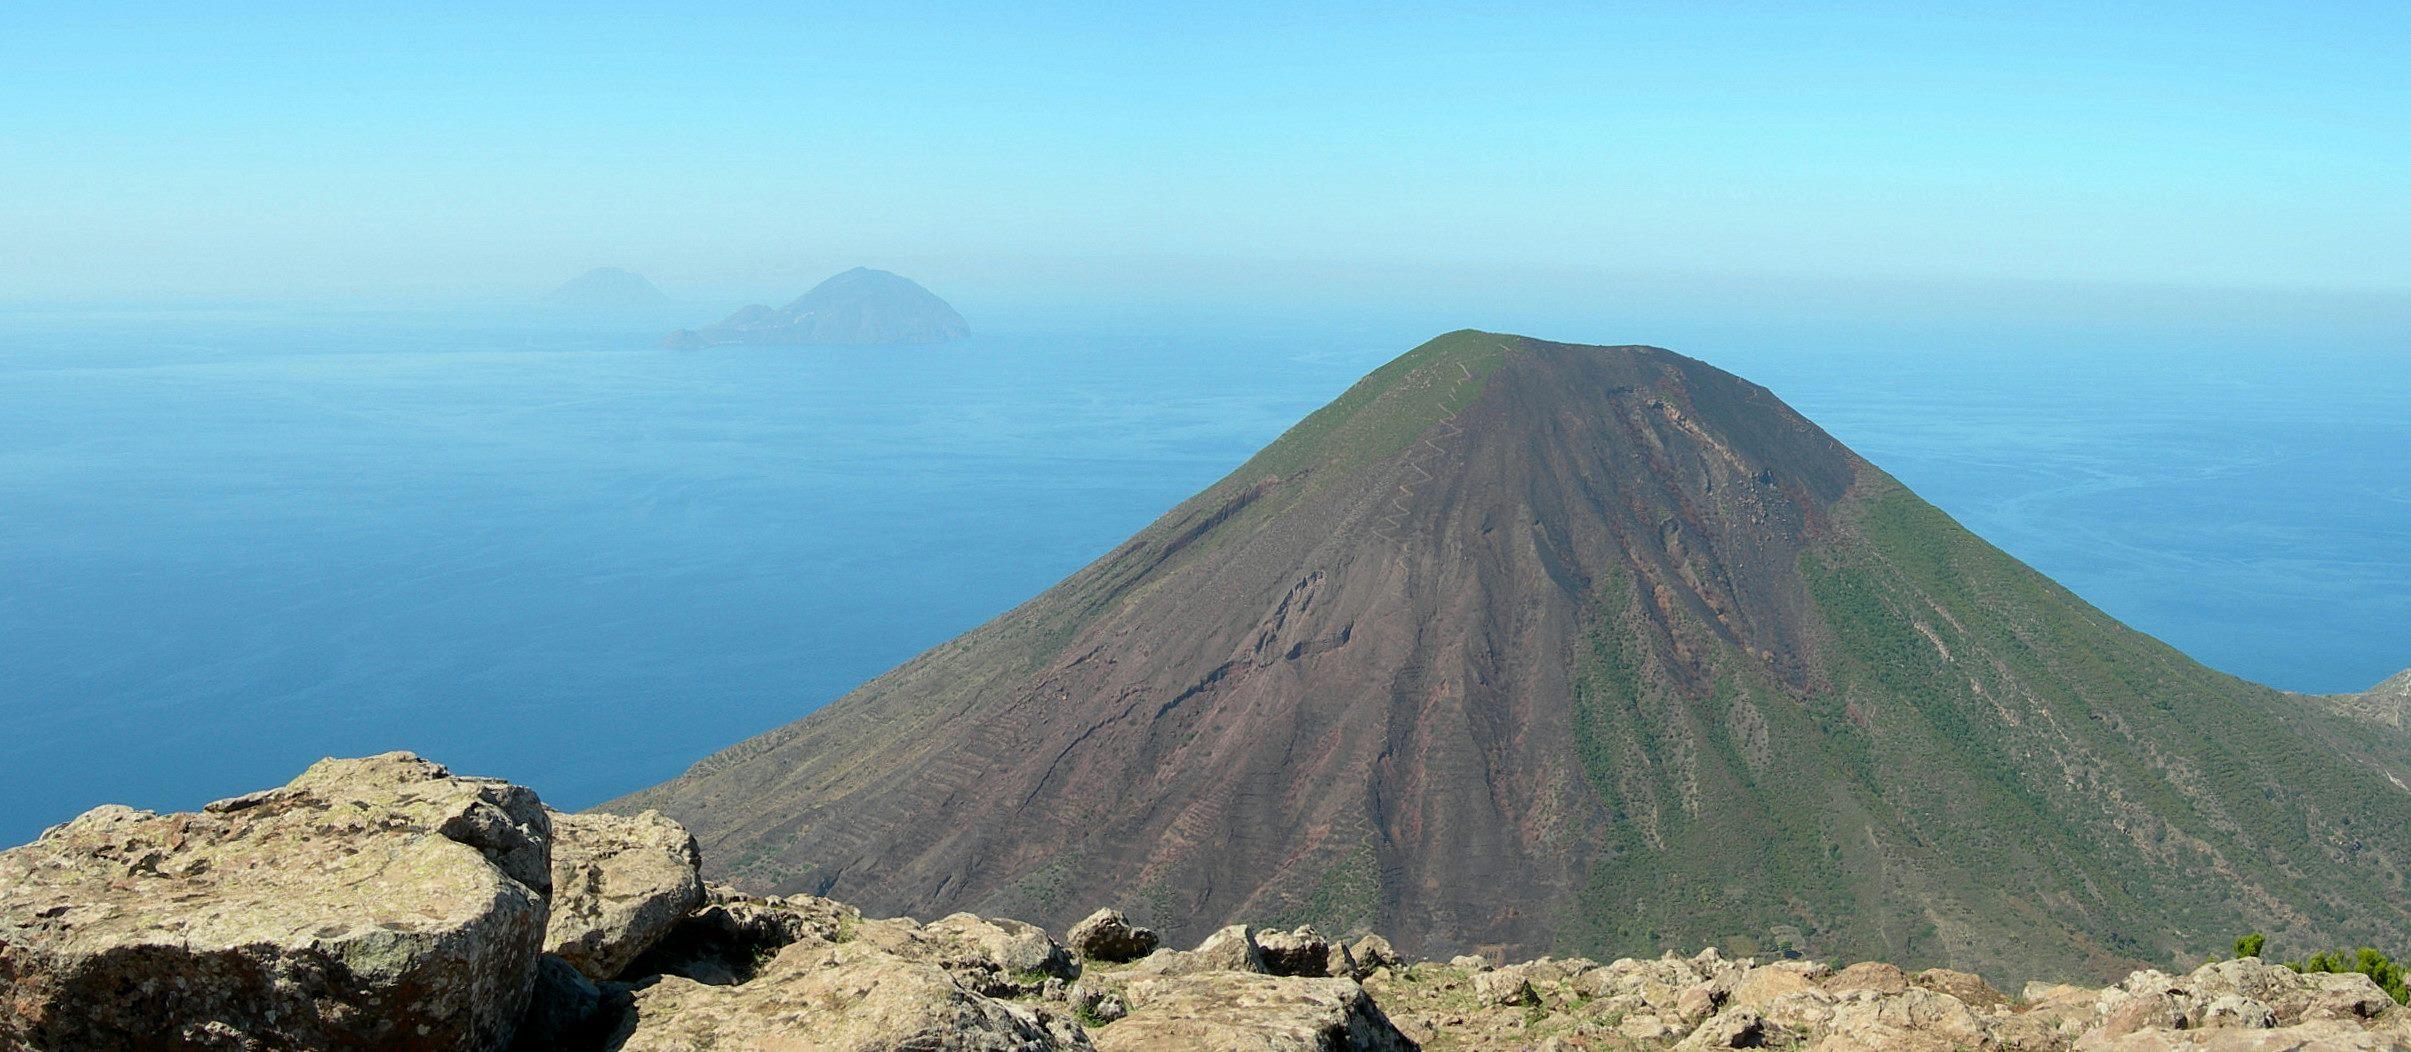 Isola di Salina - Ph I. Mannarano